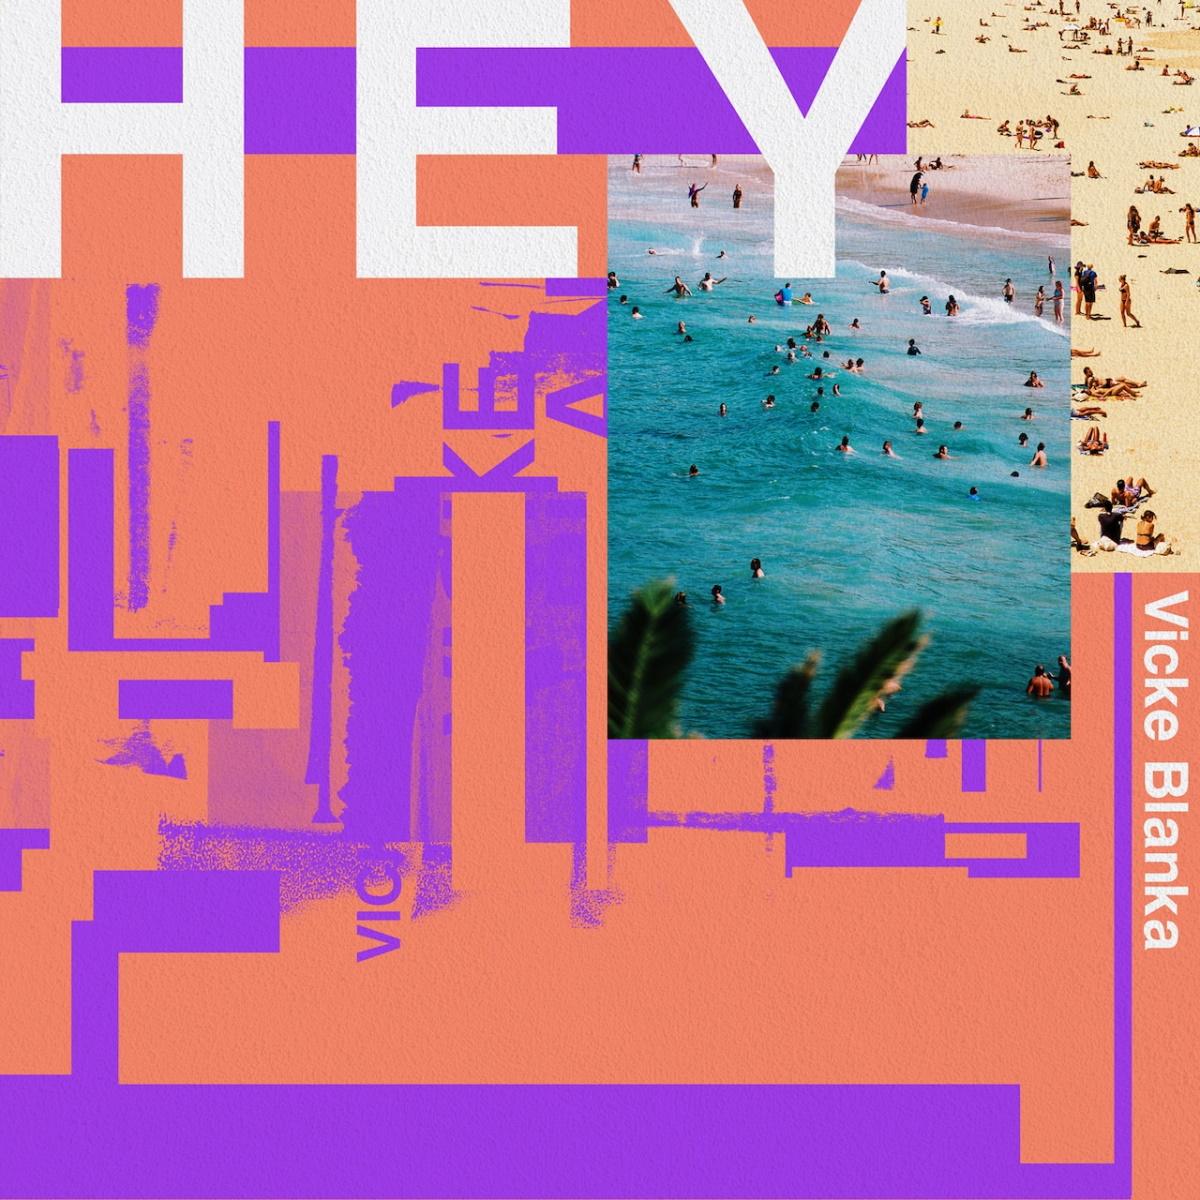 『ビッケブランカ - 蒼天のヴァンパイア』収録の『HEY』ジャケット